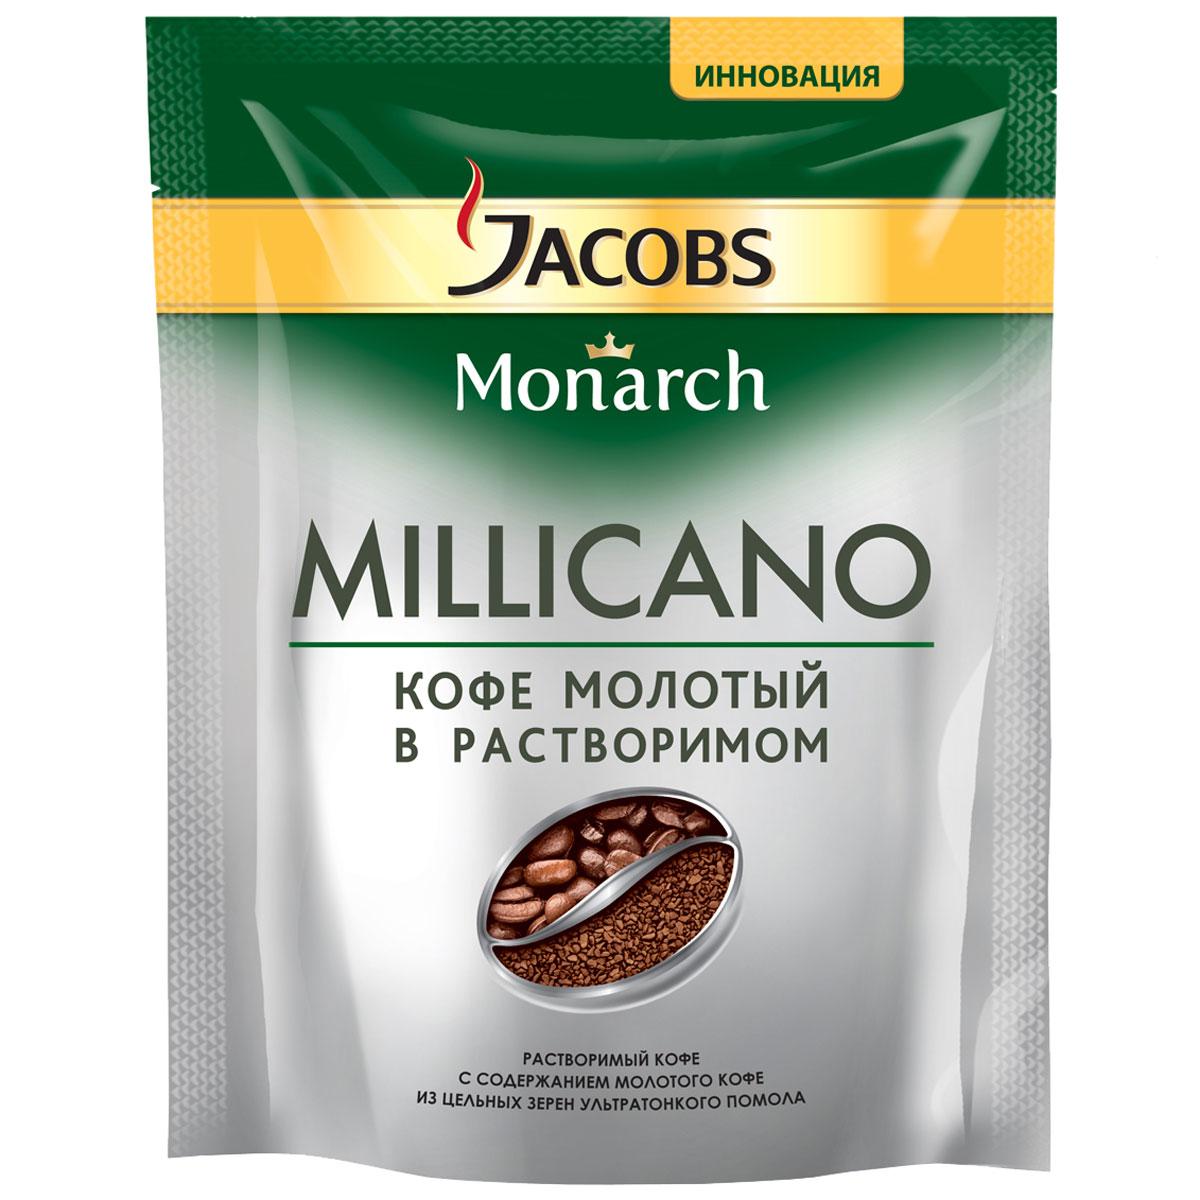 Jacobs Monarch Millicano кофе растворимый, 75 г (пакет)625527Jacobs Monarch Millicano - это кофе нового поколения молотый в растворимом. Новый Jacobs Monarch Millicano соединил в себе все лучшее от растворимого и натурального молотого кофе - плотный насыщенный вкус, богатый аромат и быстроту приготовления. Благодаря специальной технологии производства каждая растворимая гранула Millicano содержит в себе частички цельных обжаренных зерен ультратонкого помола, которые отчетливо раскрывают характер кофейного зерна в каждой чашке.